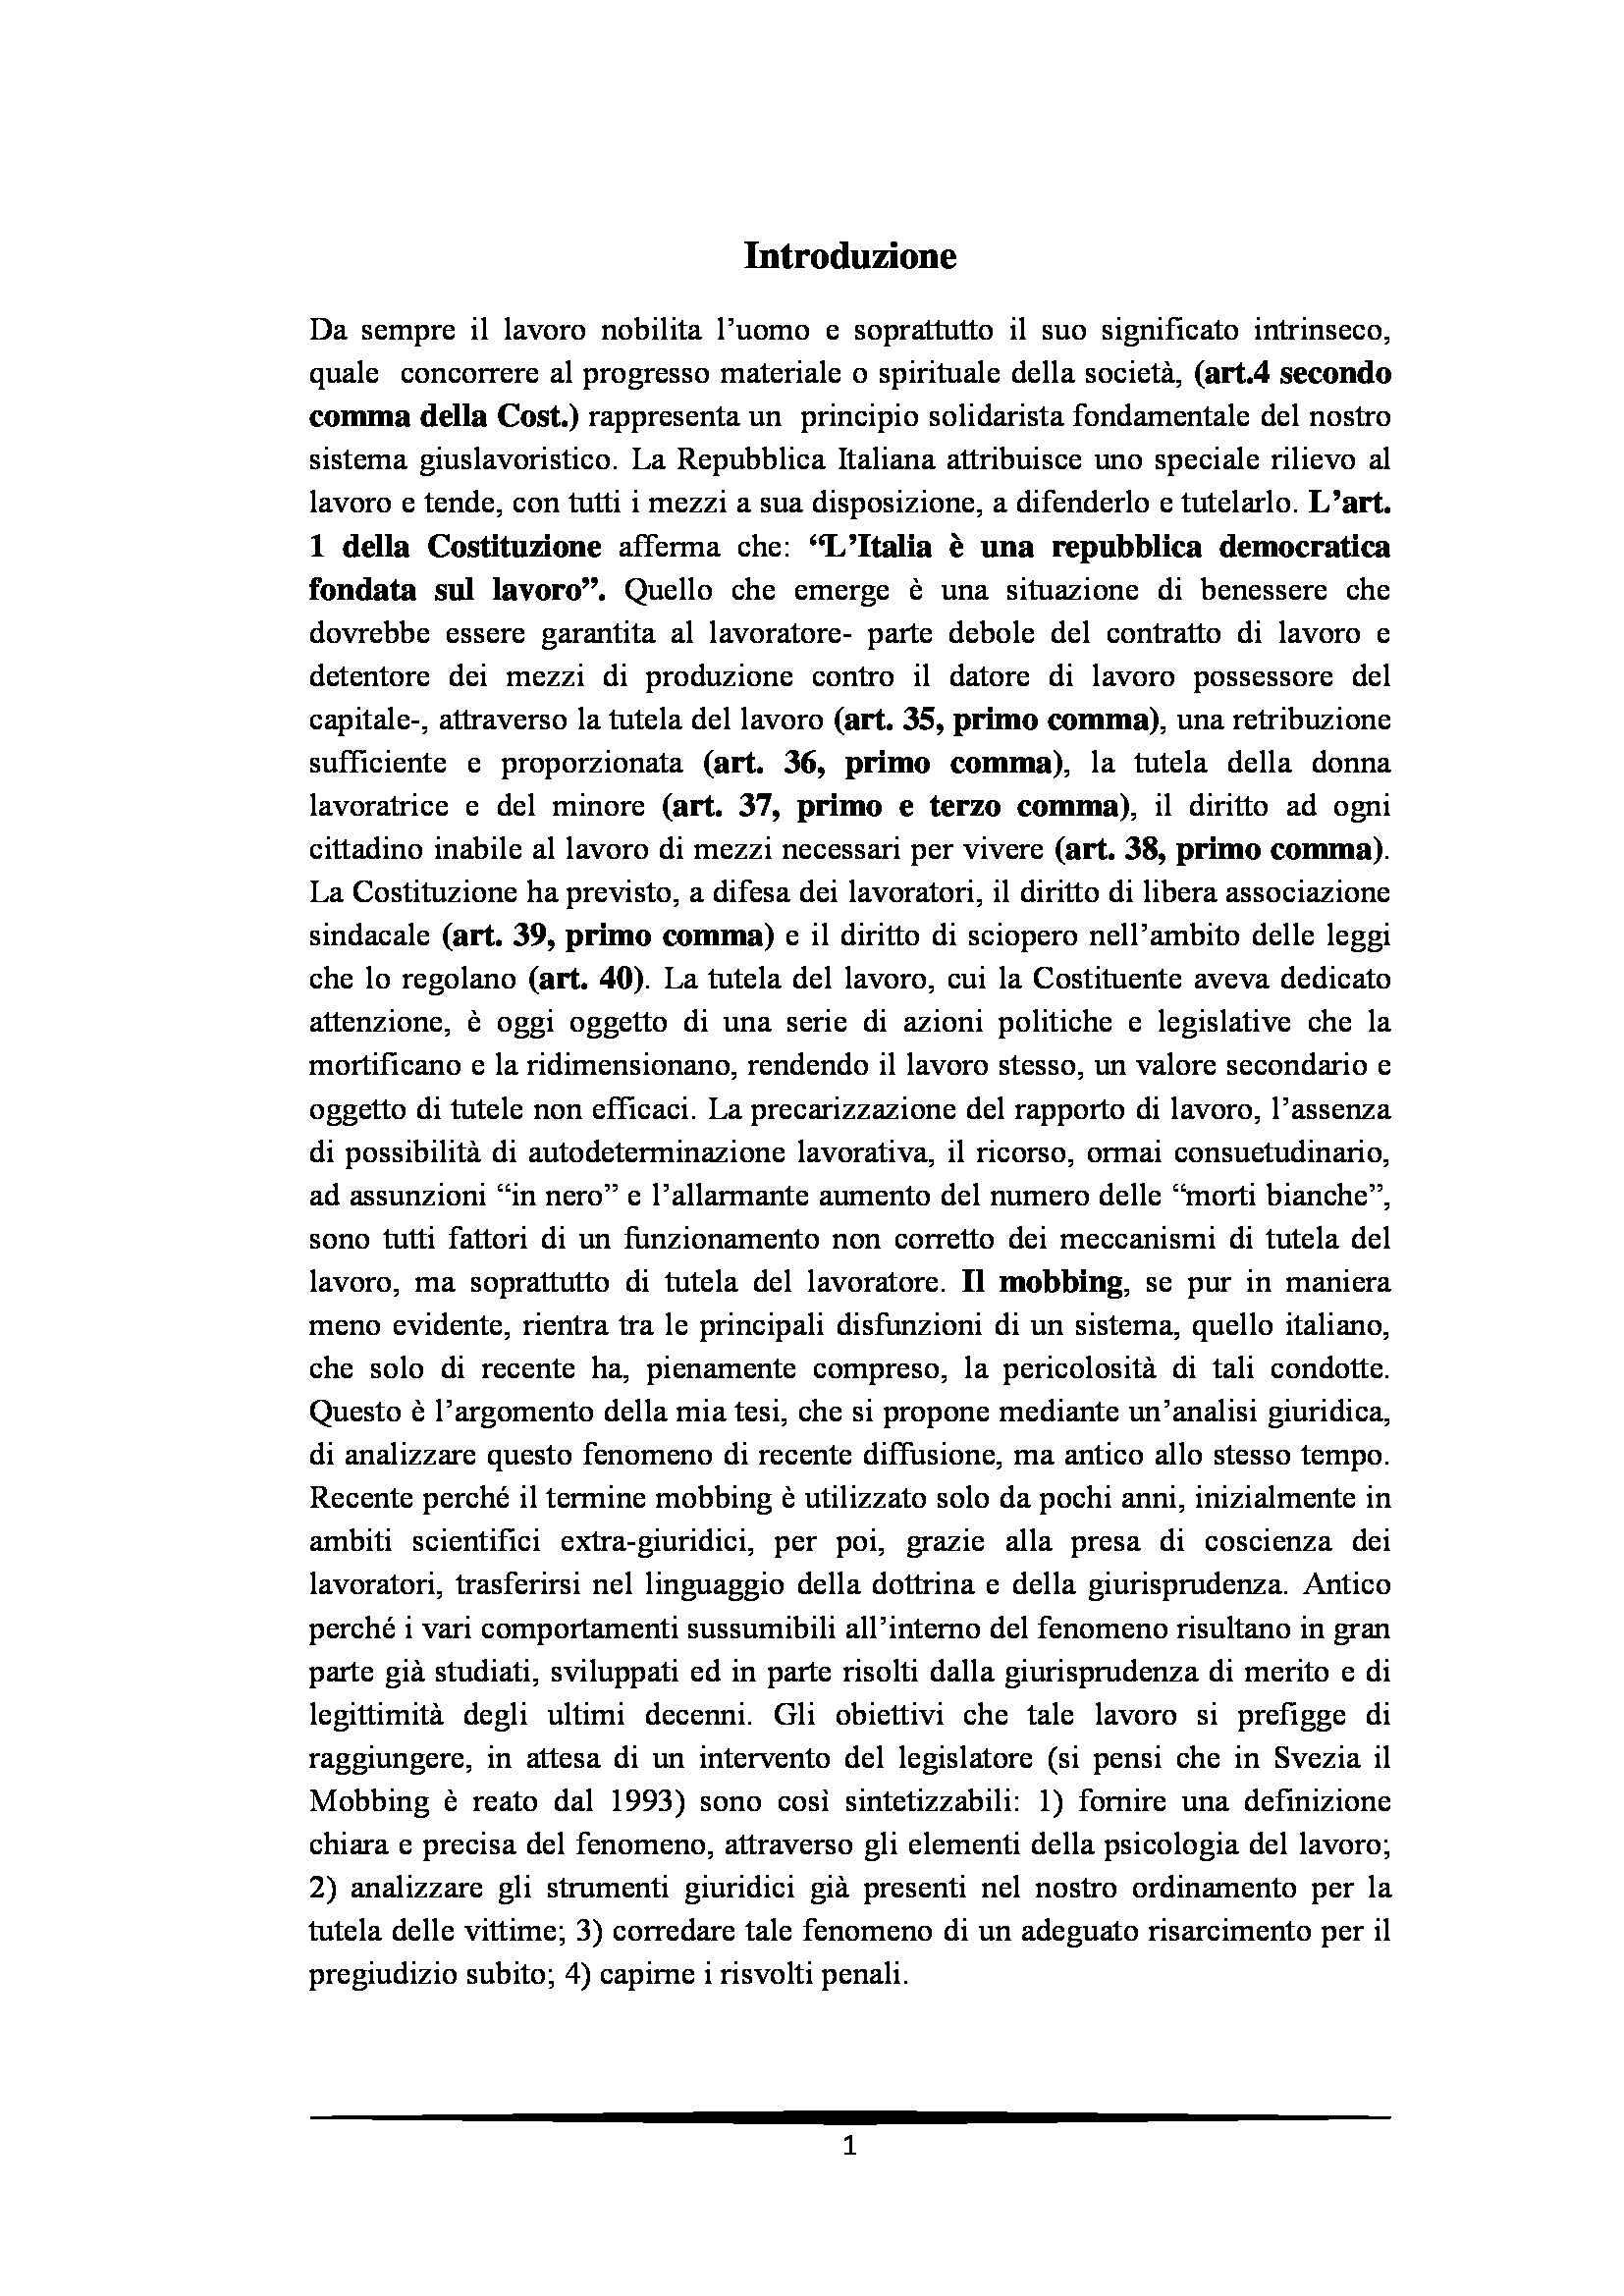 Tesi: Il Mobbing - Introduzione e capitoli